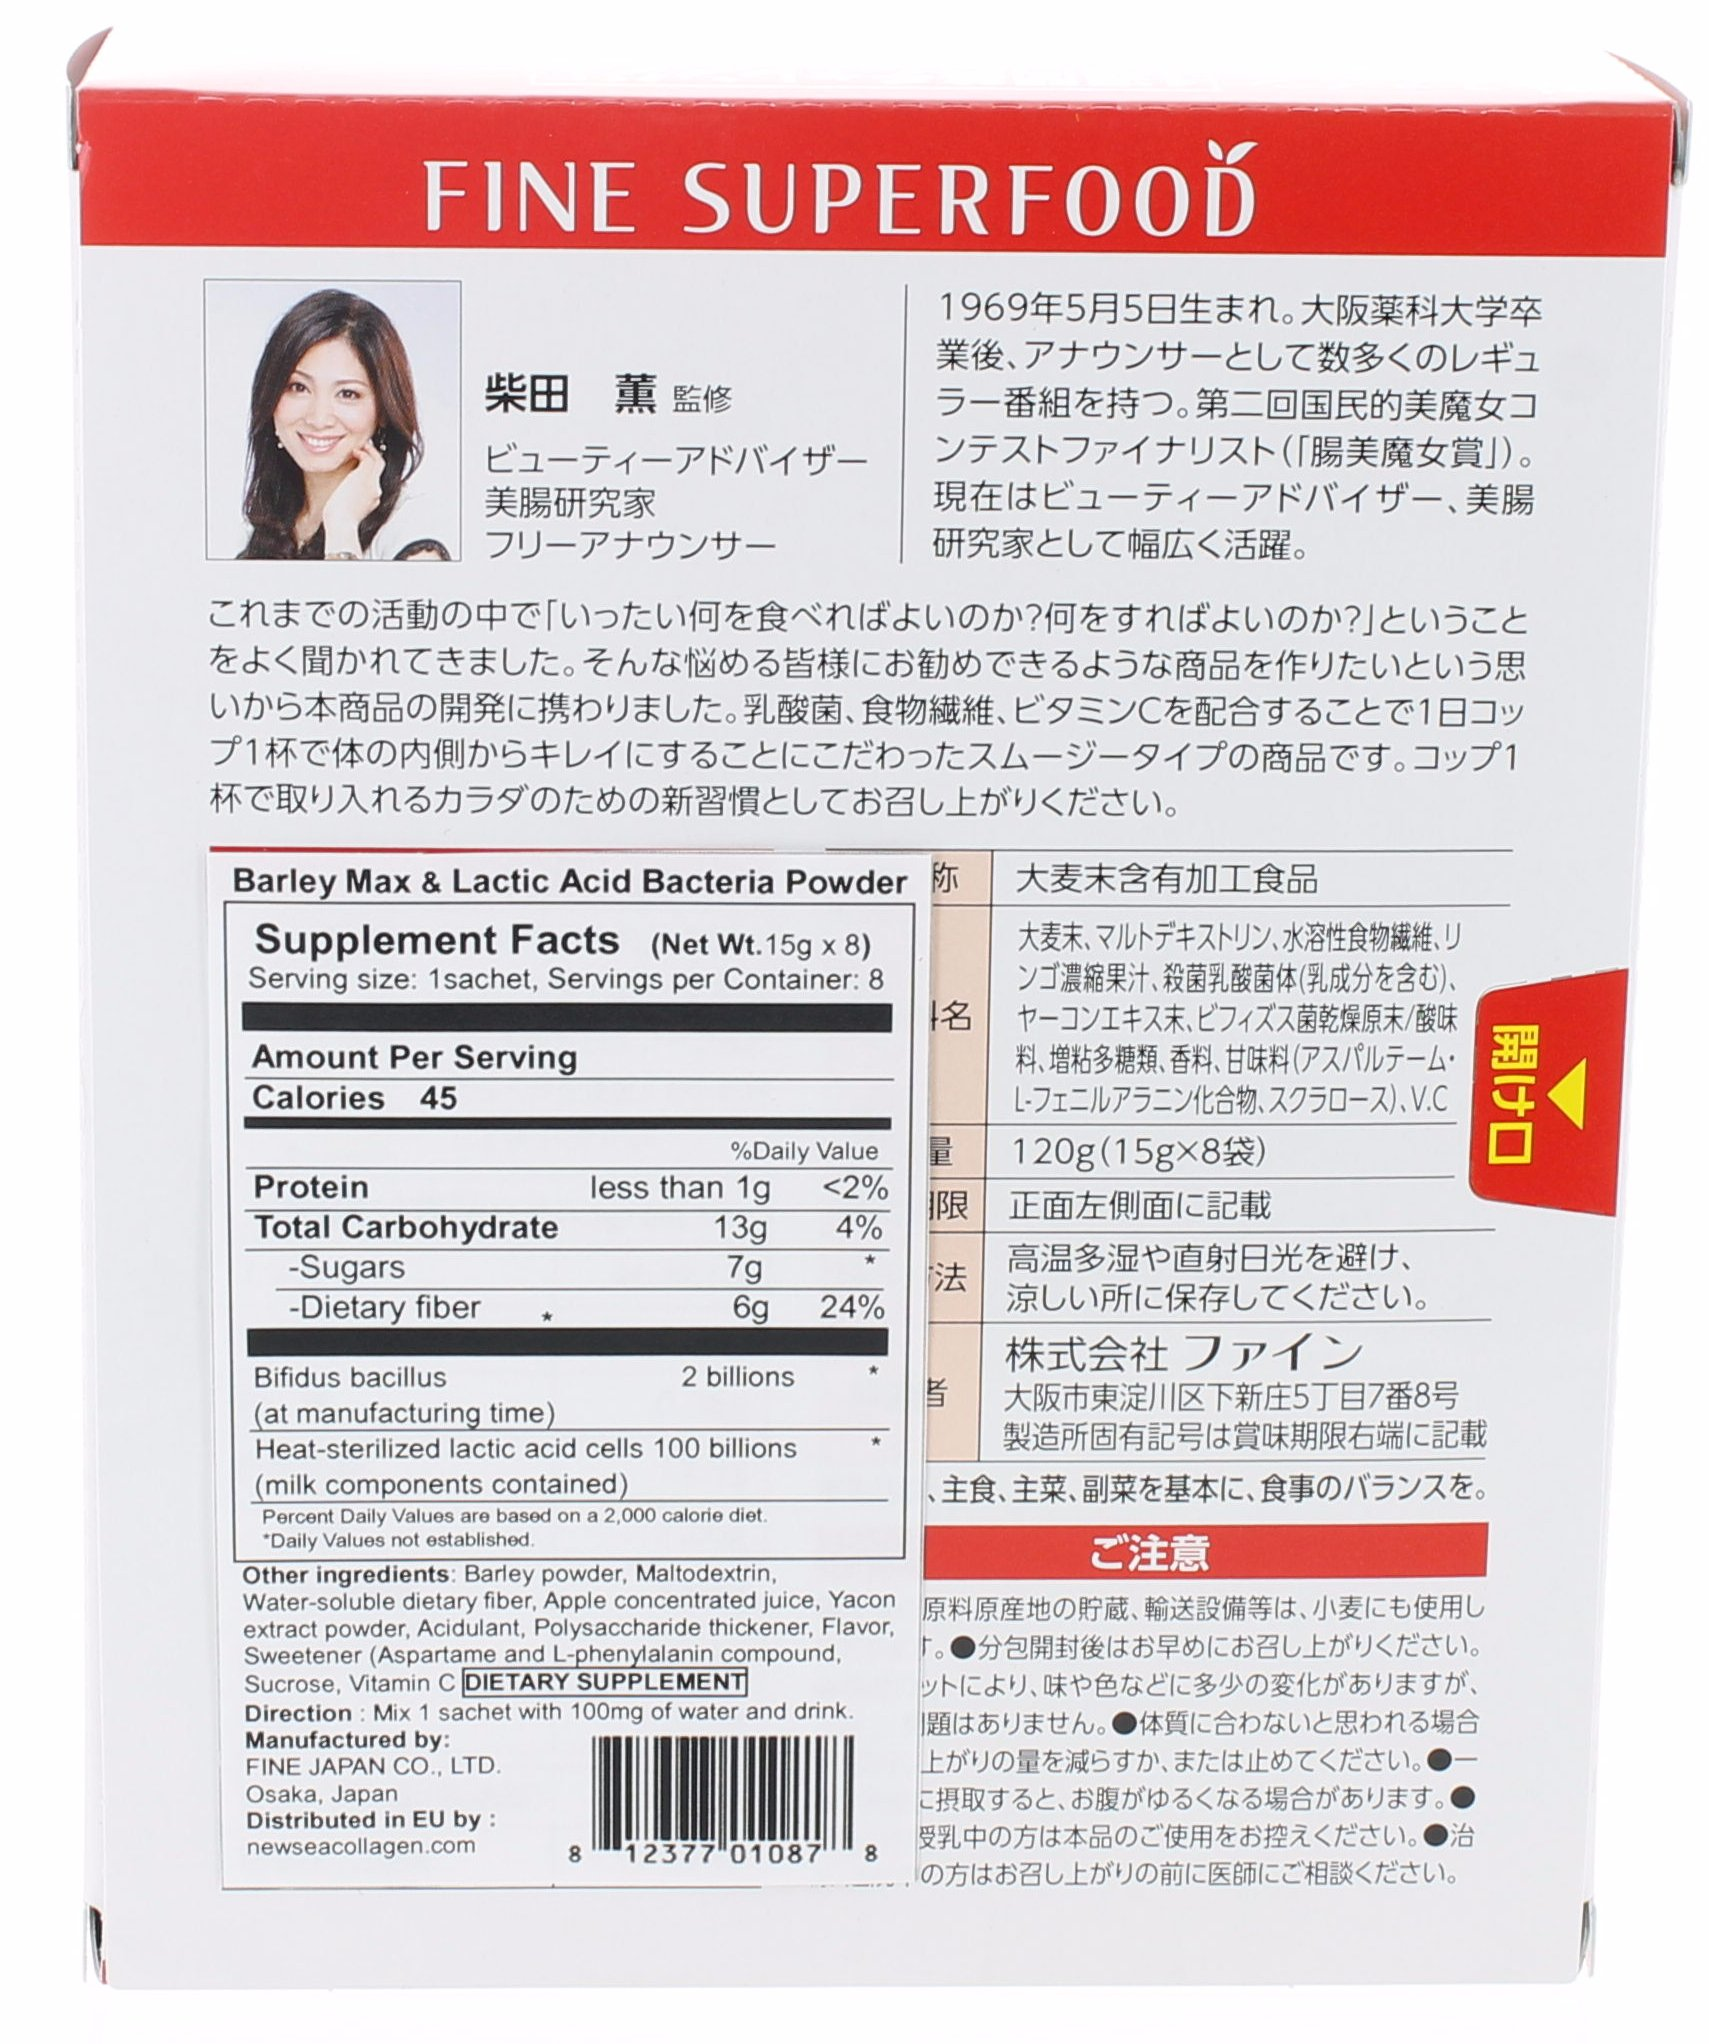 Barley Max - natürliches Verdauungs-Nahrungsergänzungsmittel mit Bifidobakterien (Lactobacillus) & Ballaststoffen angereichert mit Yacon + Vitamin C + Milchsäure - für optimale Gesundheit & Hilfe bei